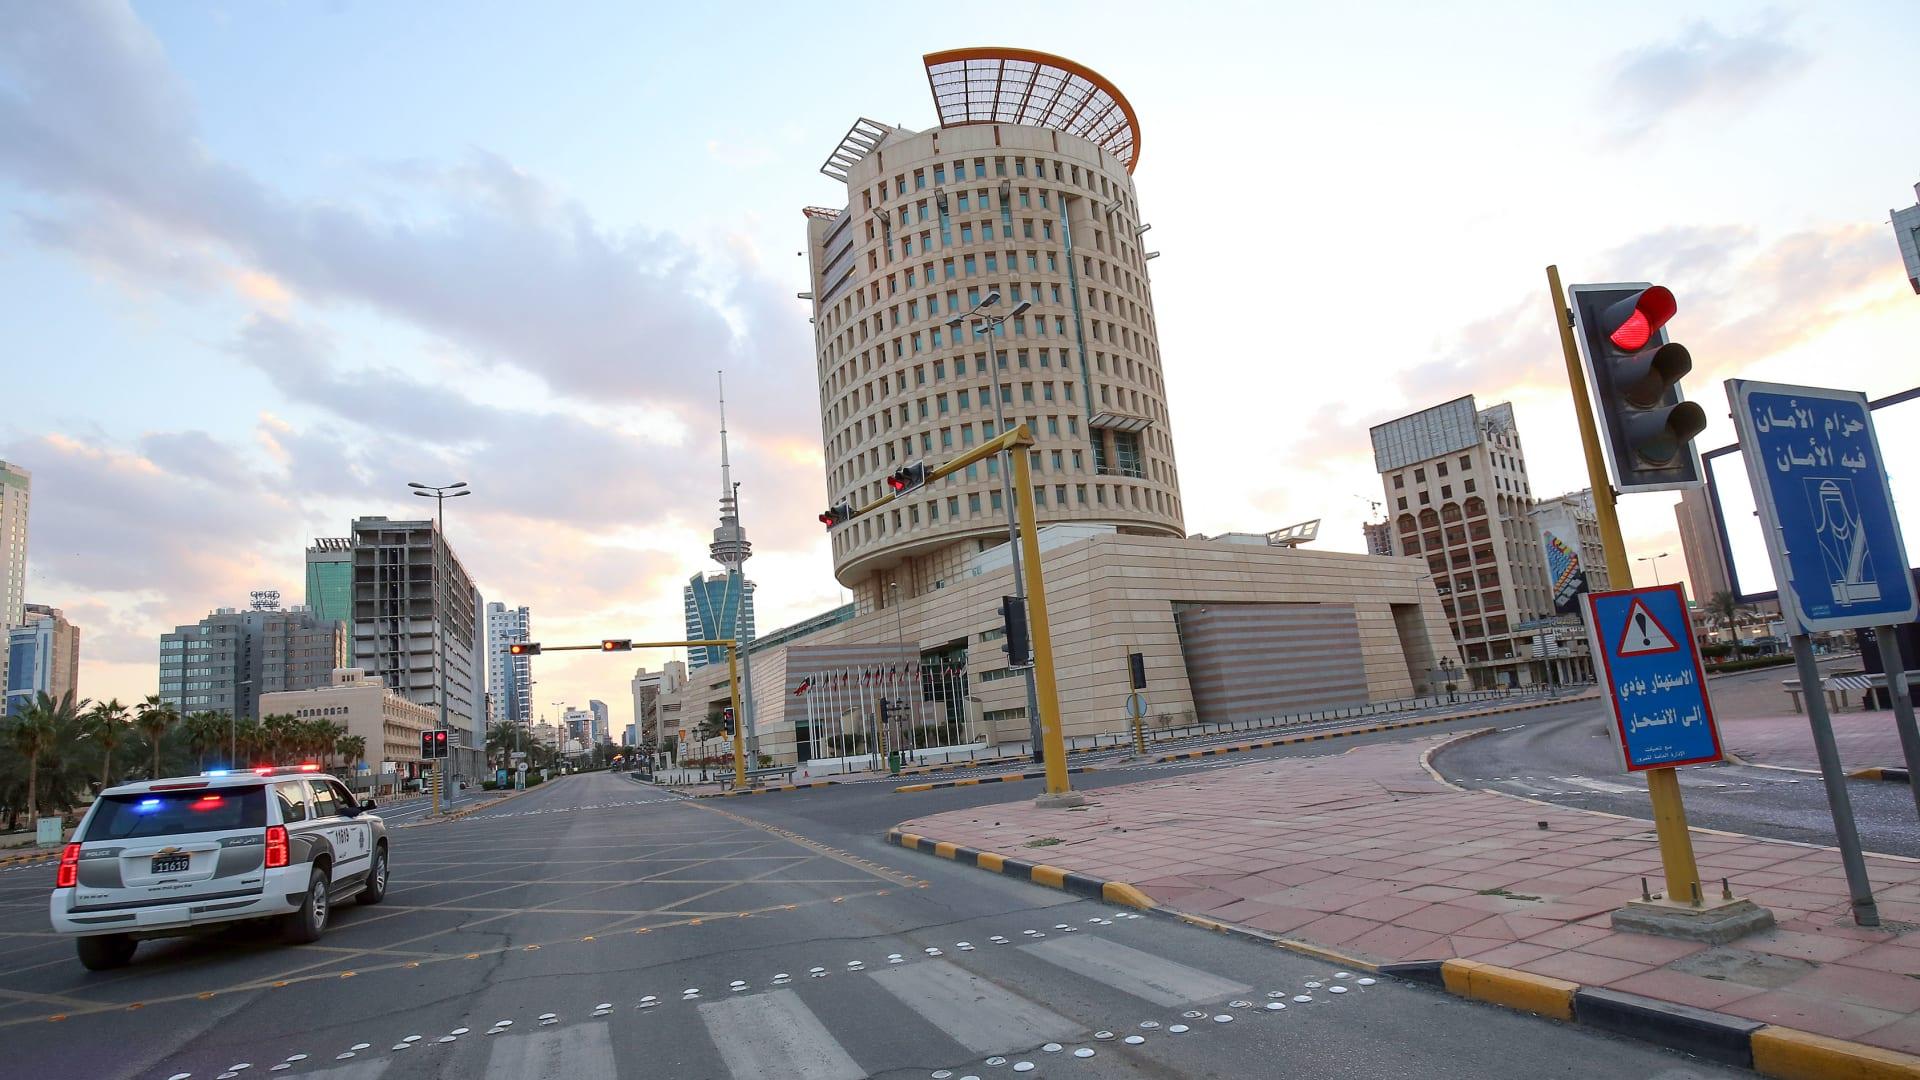 صورة ارشيفية تعبيرية لسيارة شرطة في الكويت